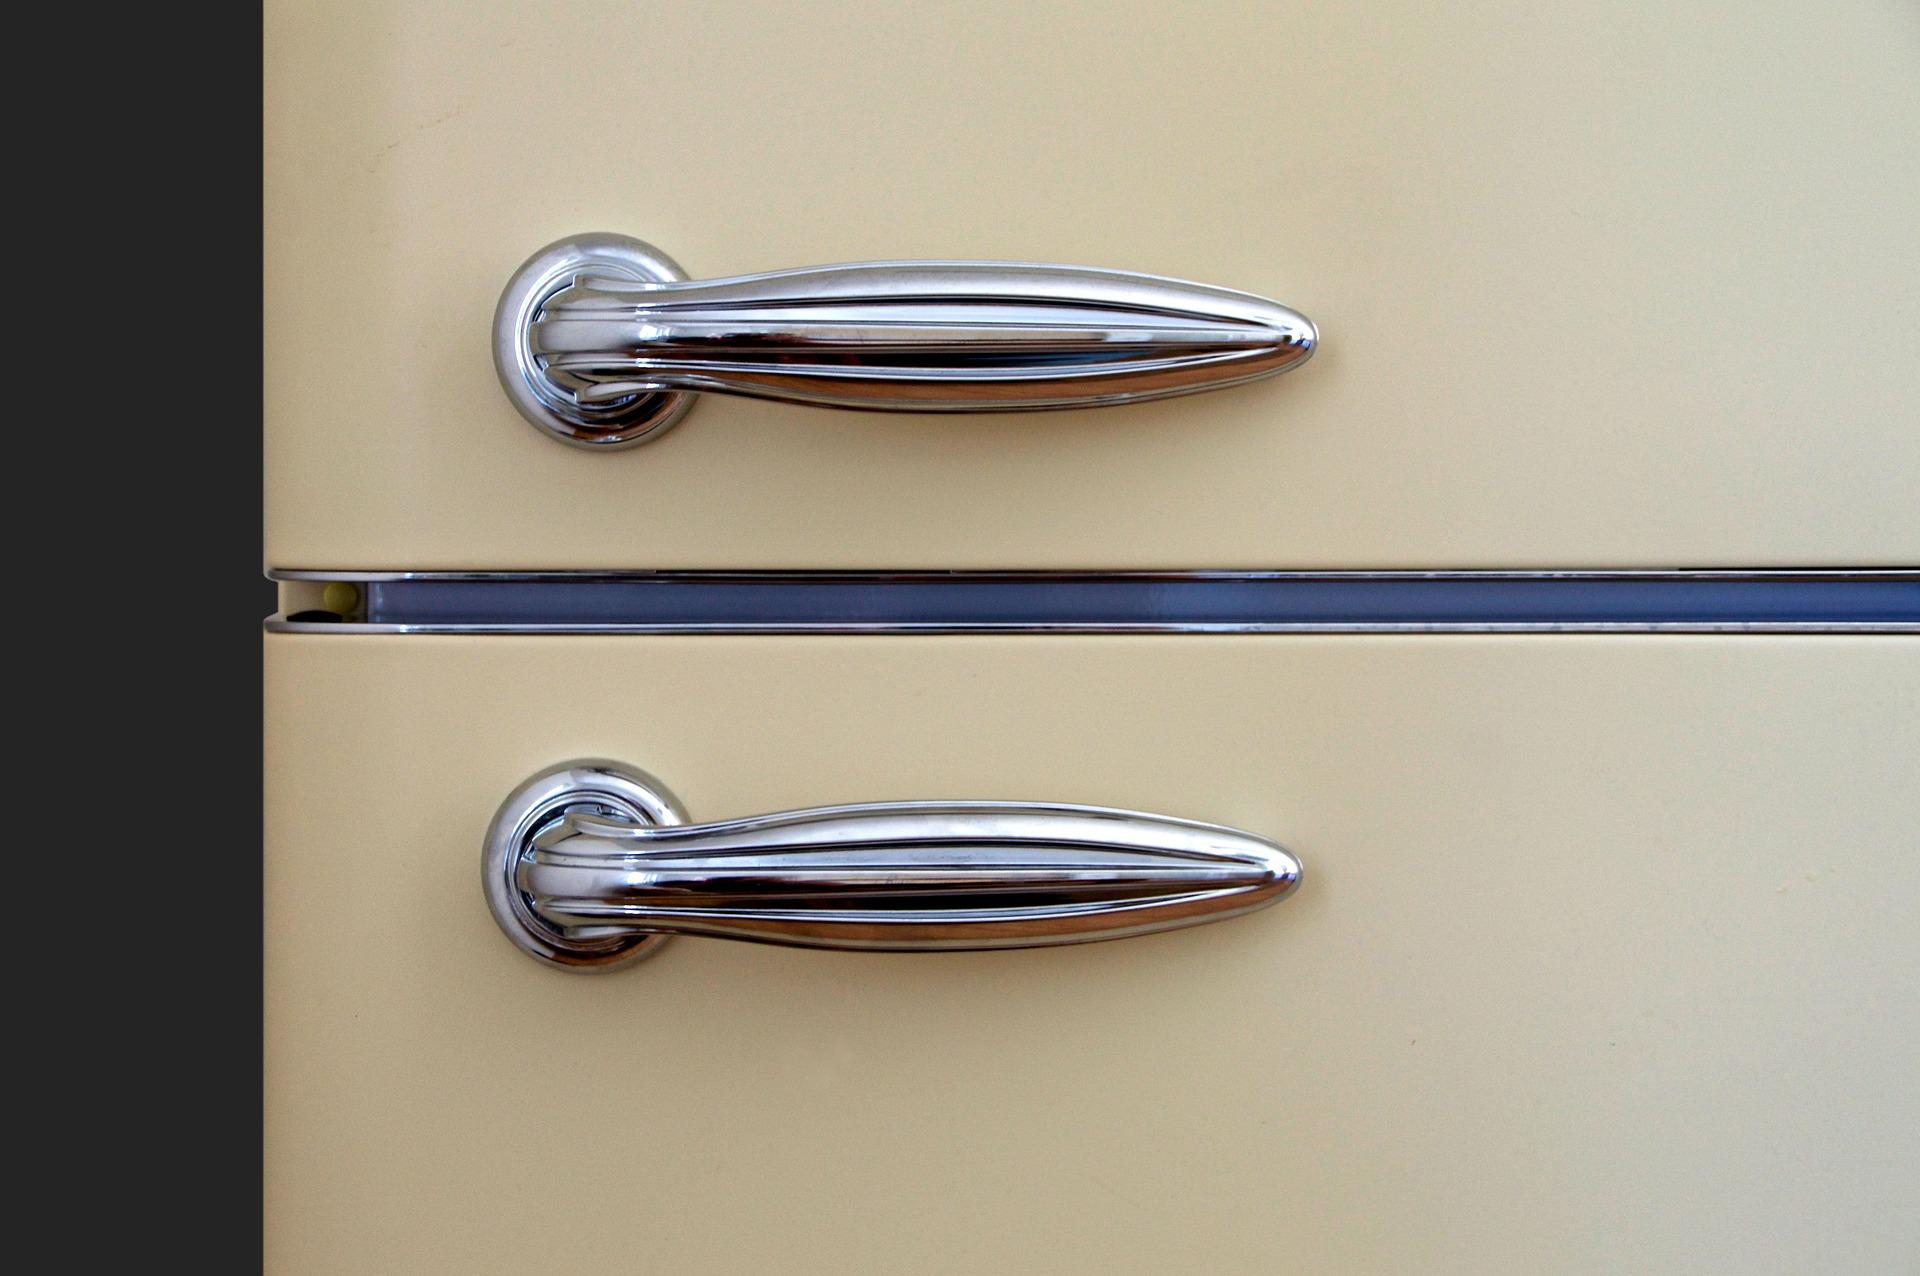 Design f 252 r fingern 228 gel ziehen sie die aufmerksamkeit auf ihre - Design F 252 R Fingern 228 Gel Ziehen Sie Die Aufmerksamkeit Auf Ihre 13